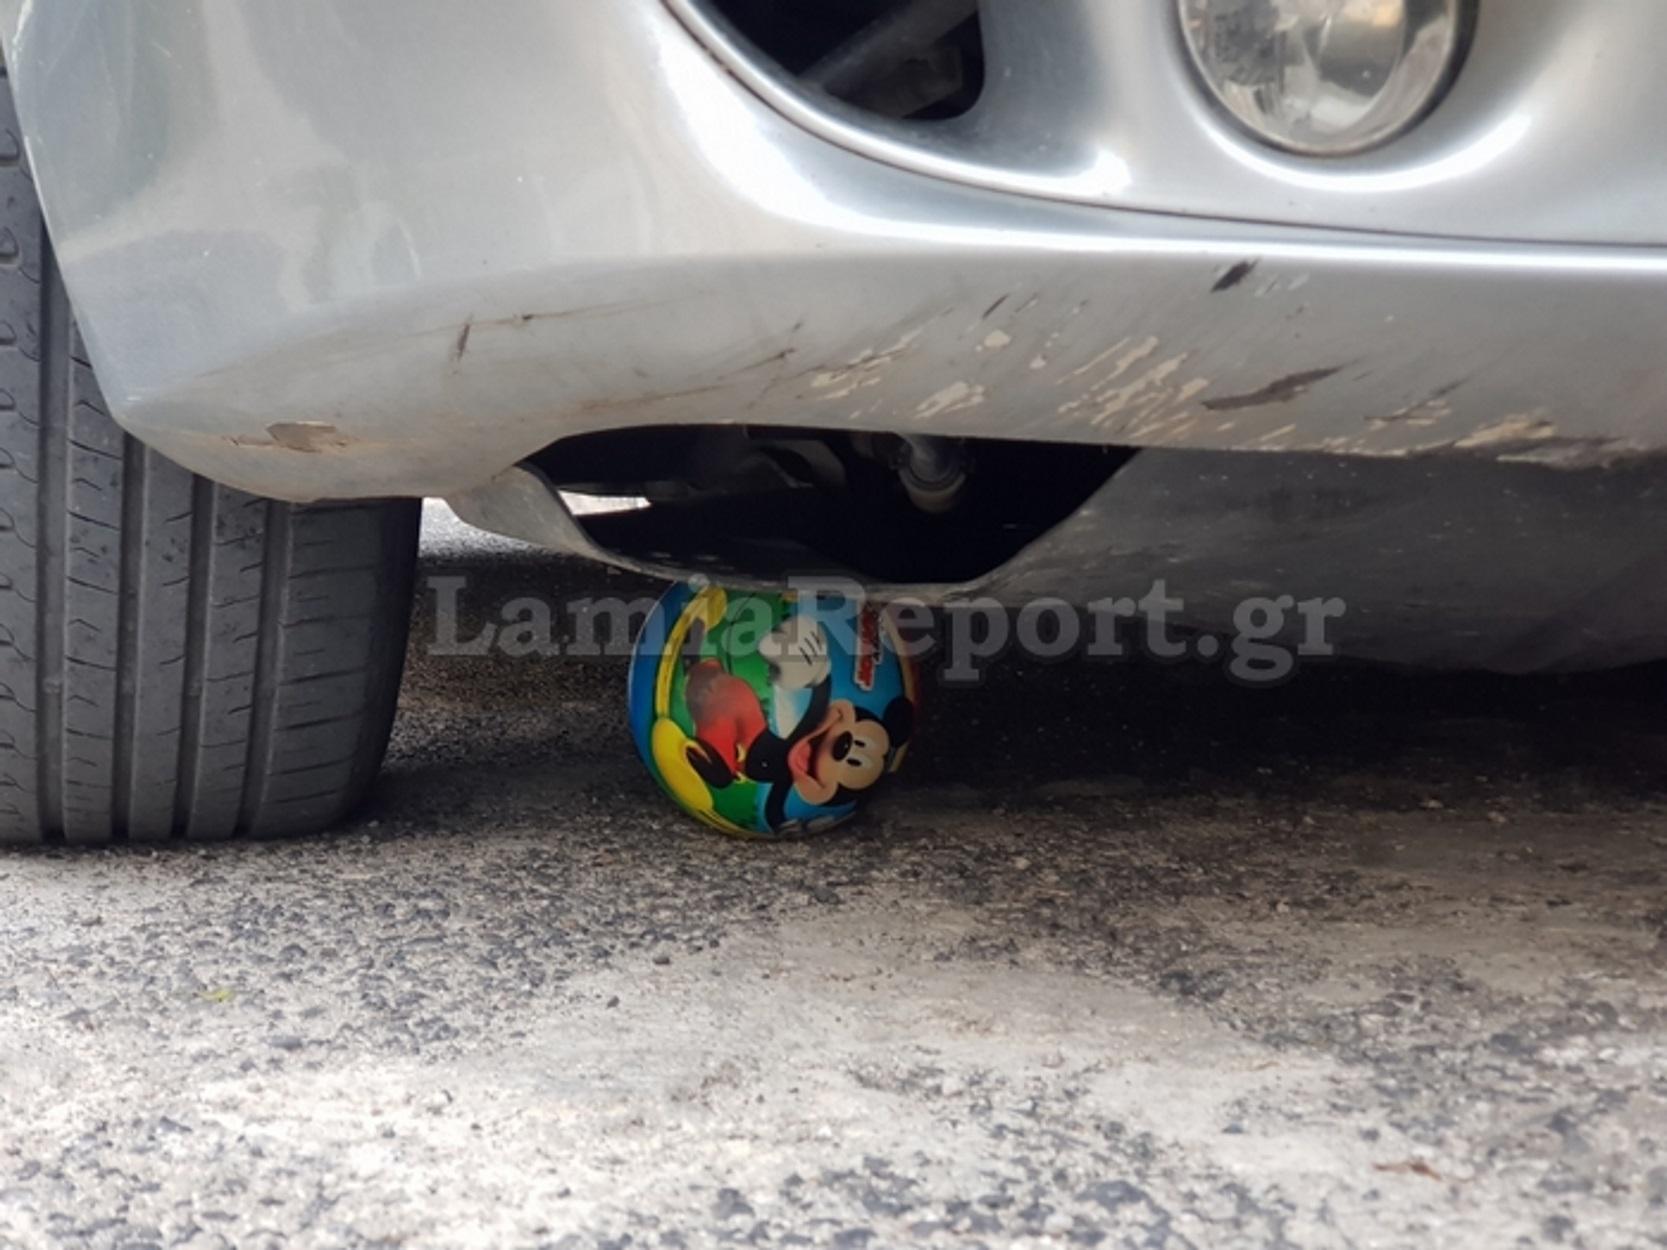 Λαμία: 85χρονη οδηγός παρέσυρε 5χρονο αγοράκι – Κάτω από τις ρόδες ο μικρός (ΦΩΤΟ)